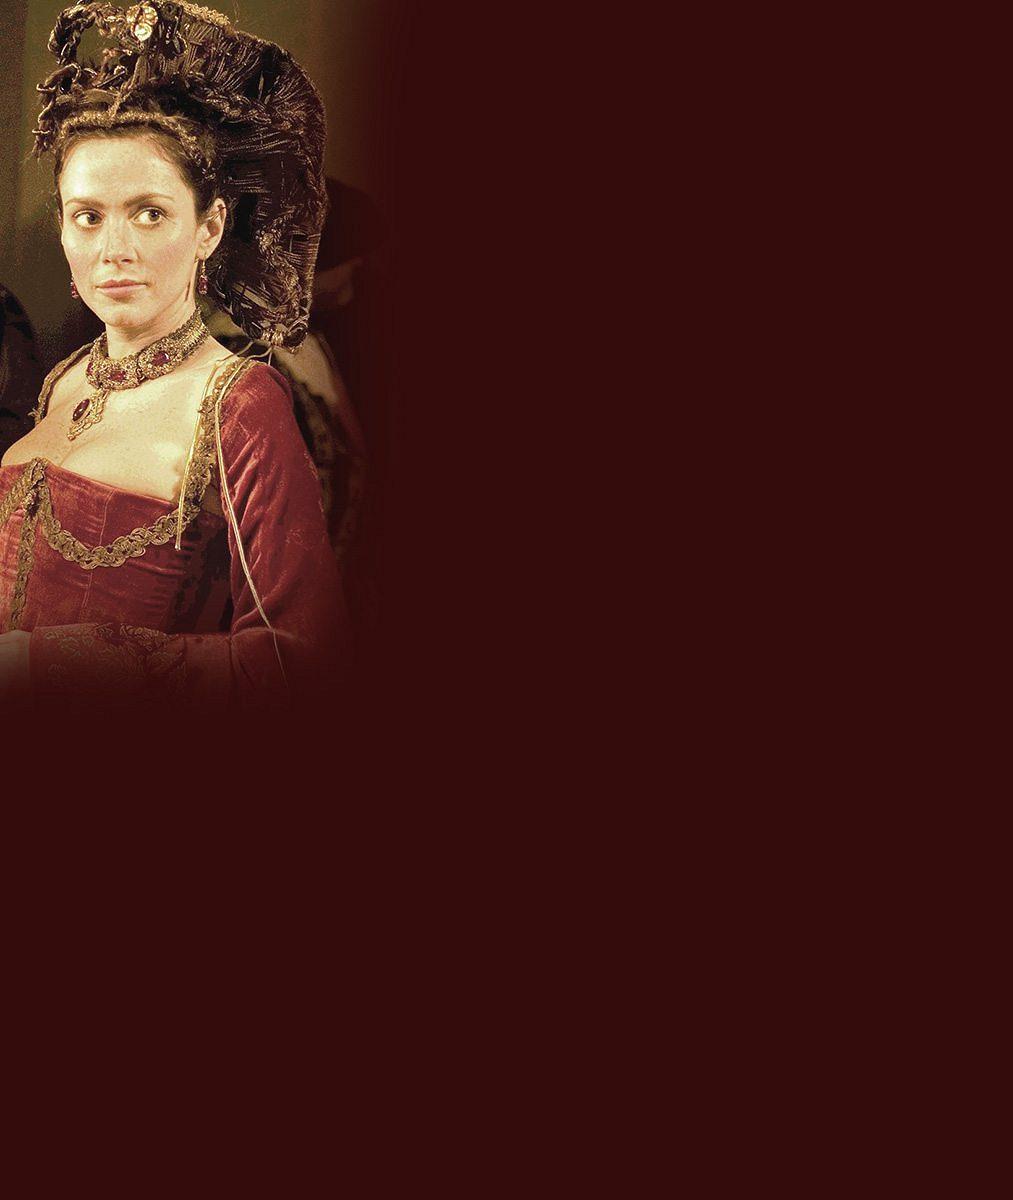 Představitelka hraběnky Bathory byla na galavečeru velmi rozverná. Ňadra jí div nevypadla z výstřihu